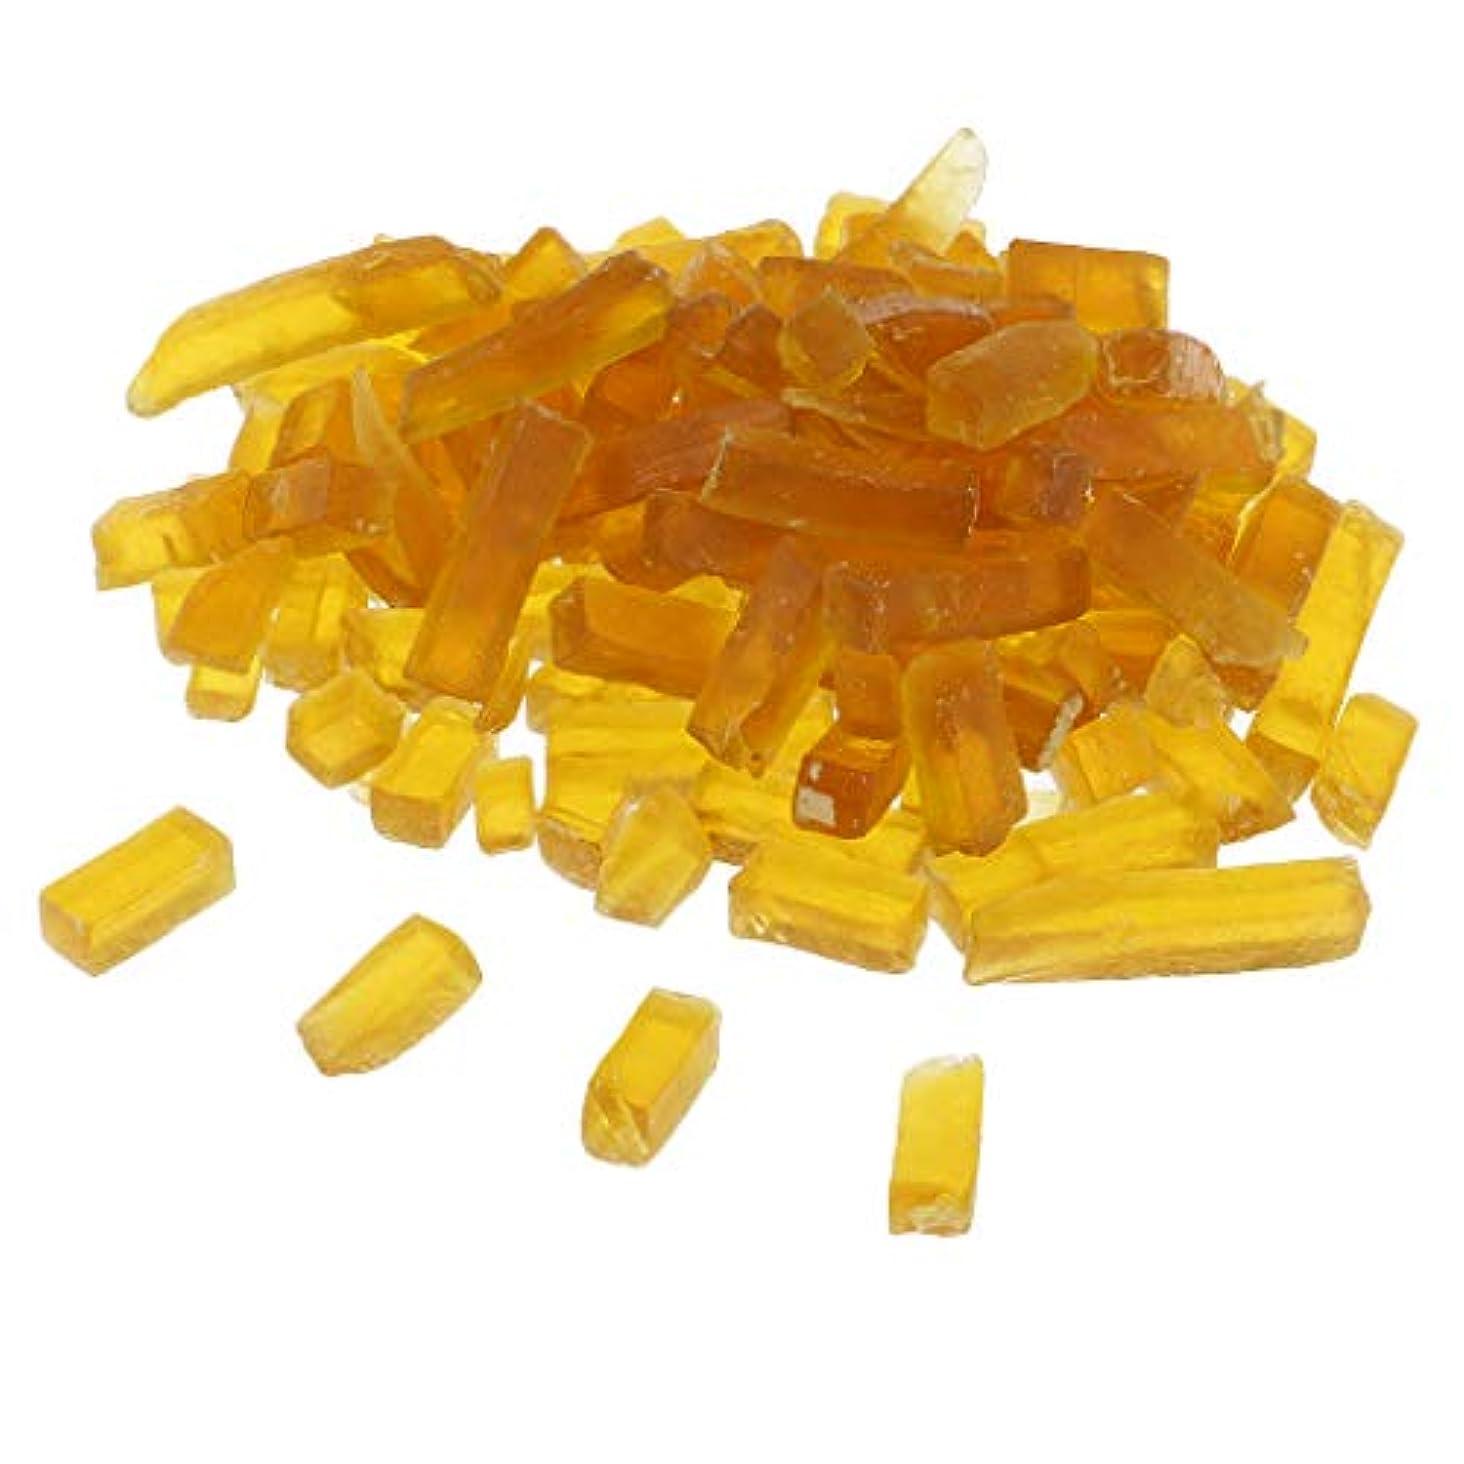 名目上の五十コミットメントBaoblaze 溶融植物 ソープベース 石鹸用 天然植物 石鹸 石けん素地 250g イエロー